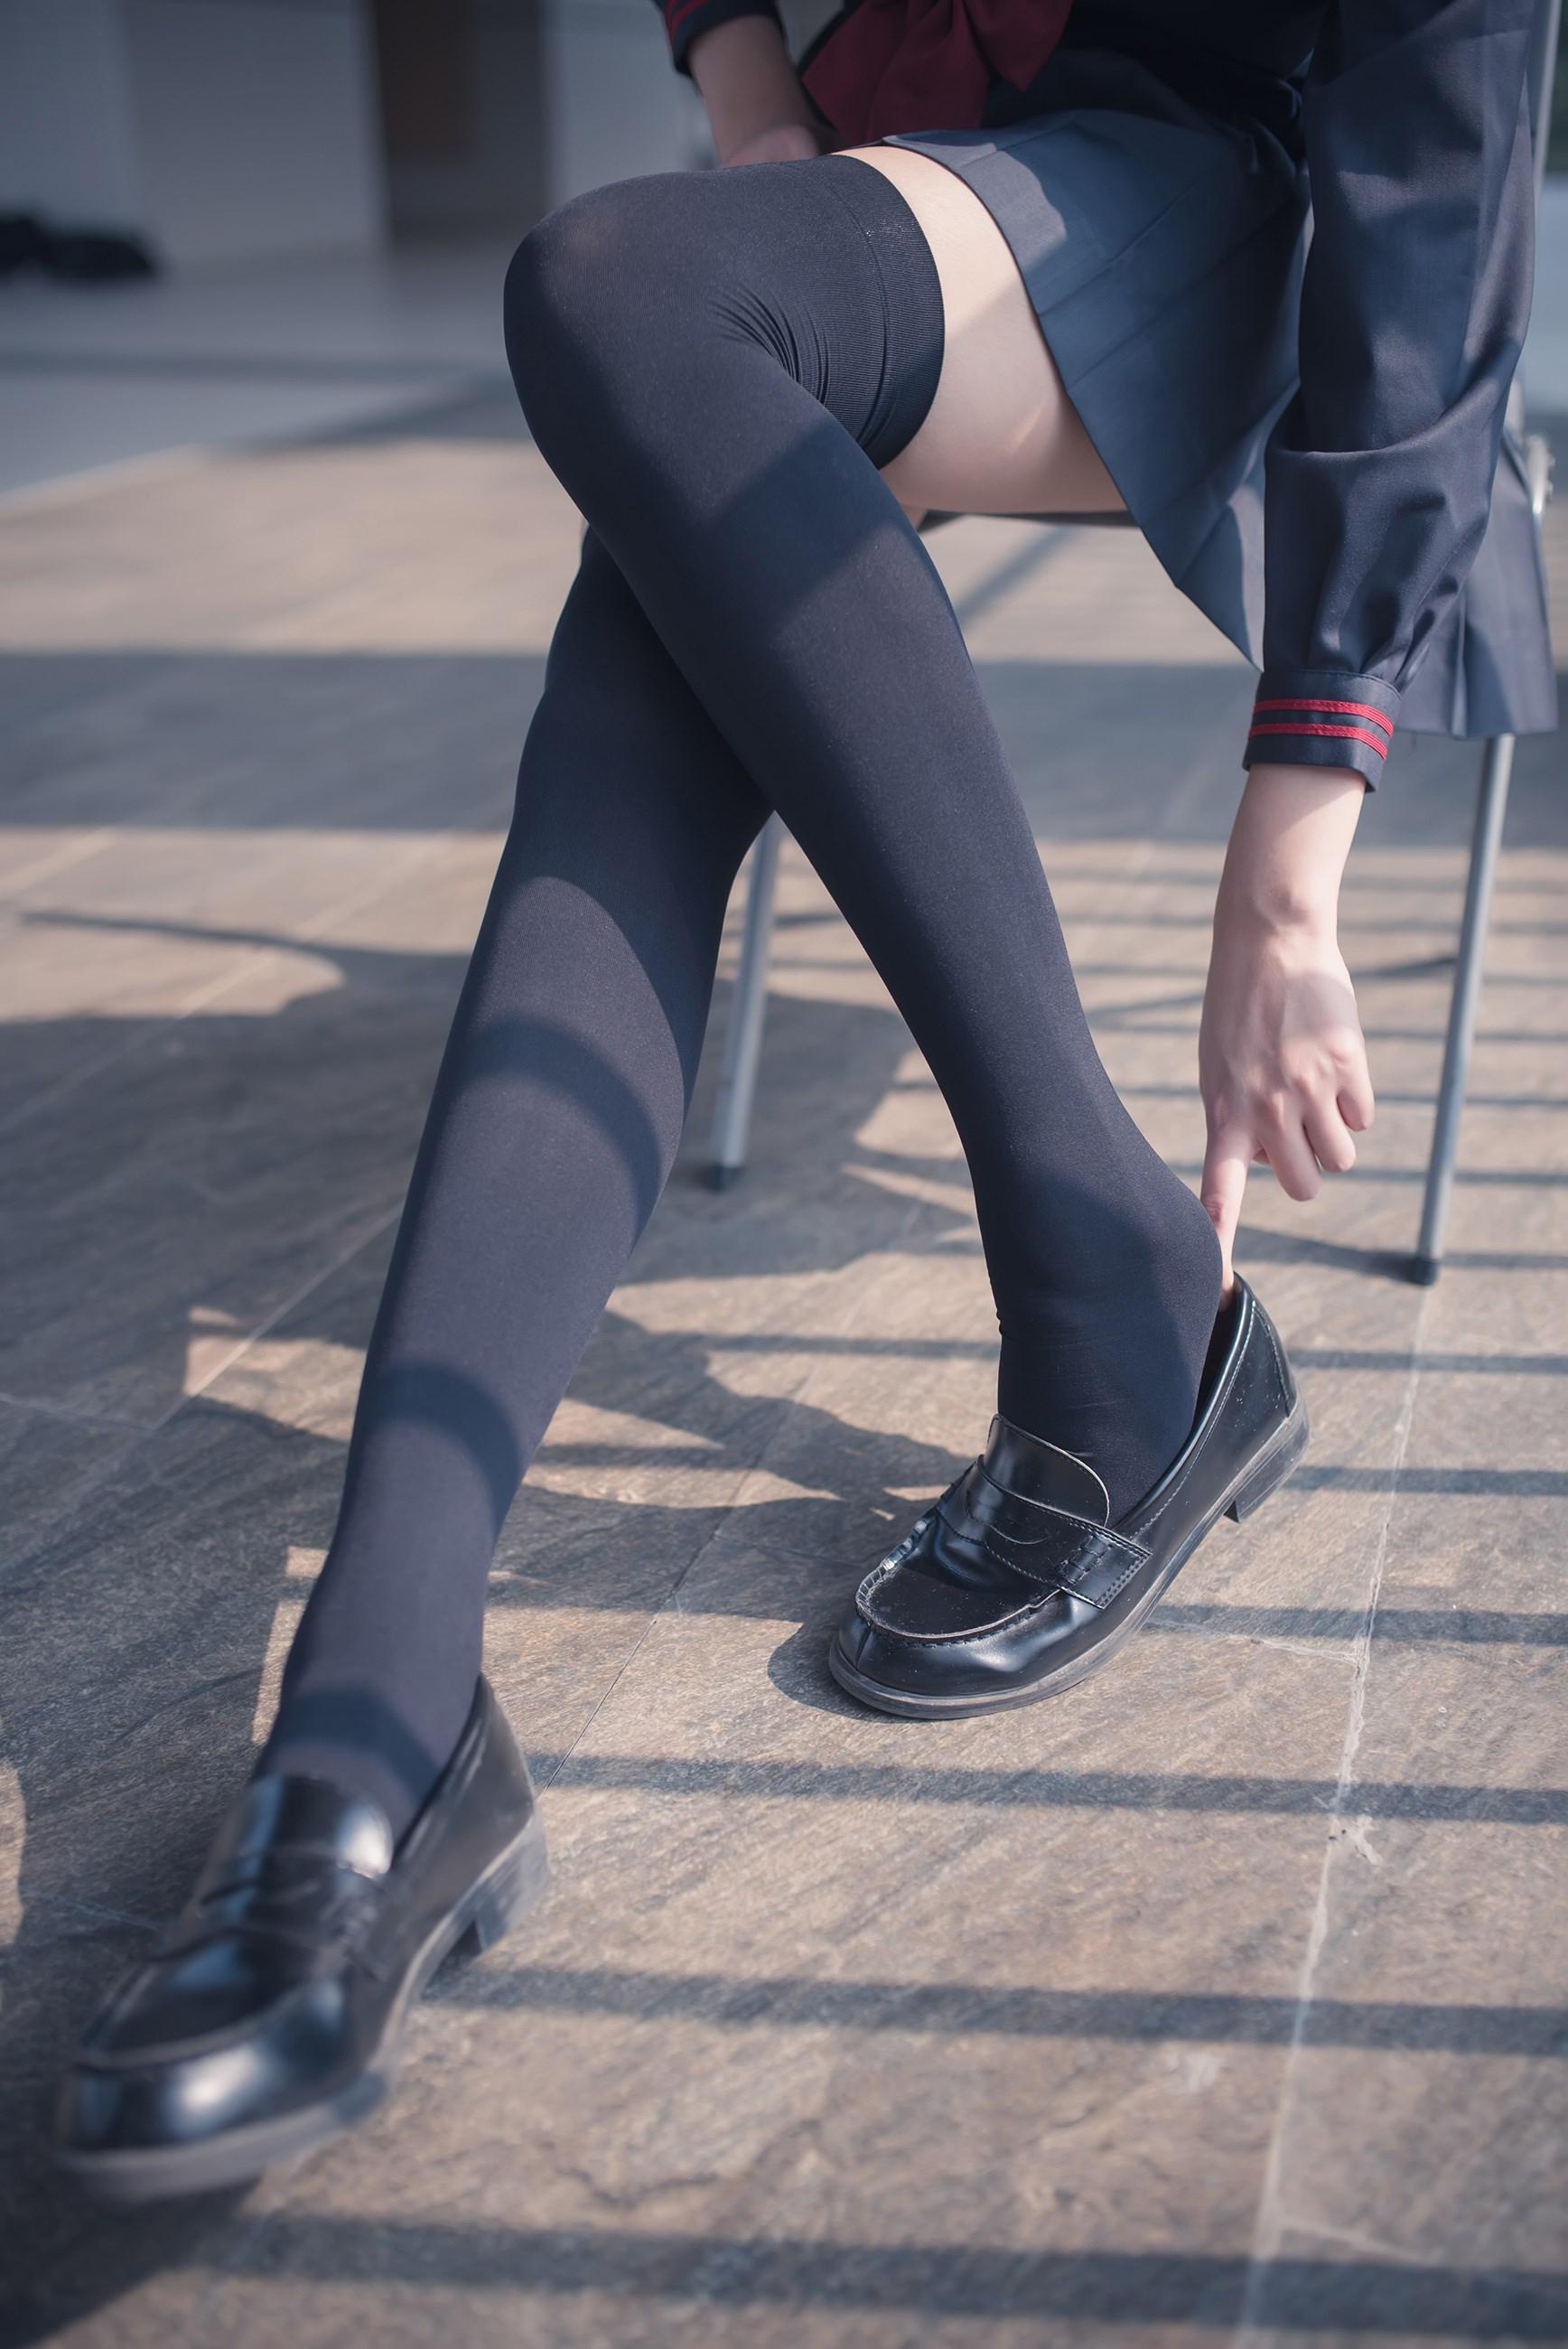 【兔玩映画】黑丝过膝袜 兔玩映画 第19张